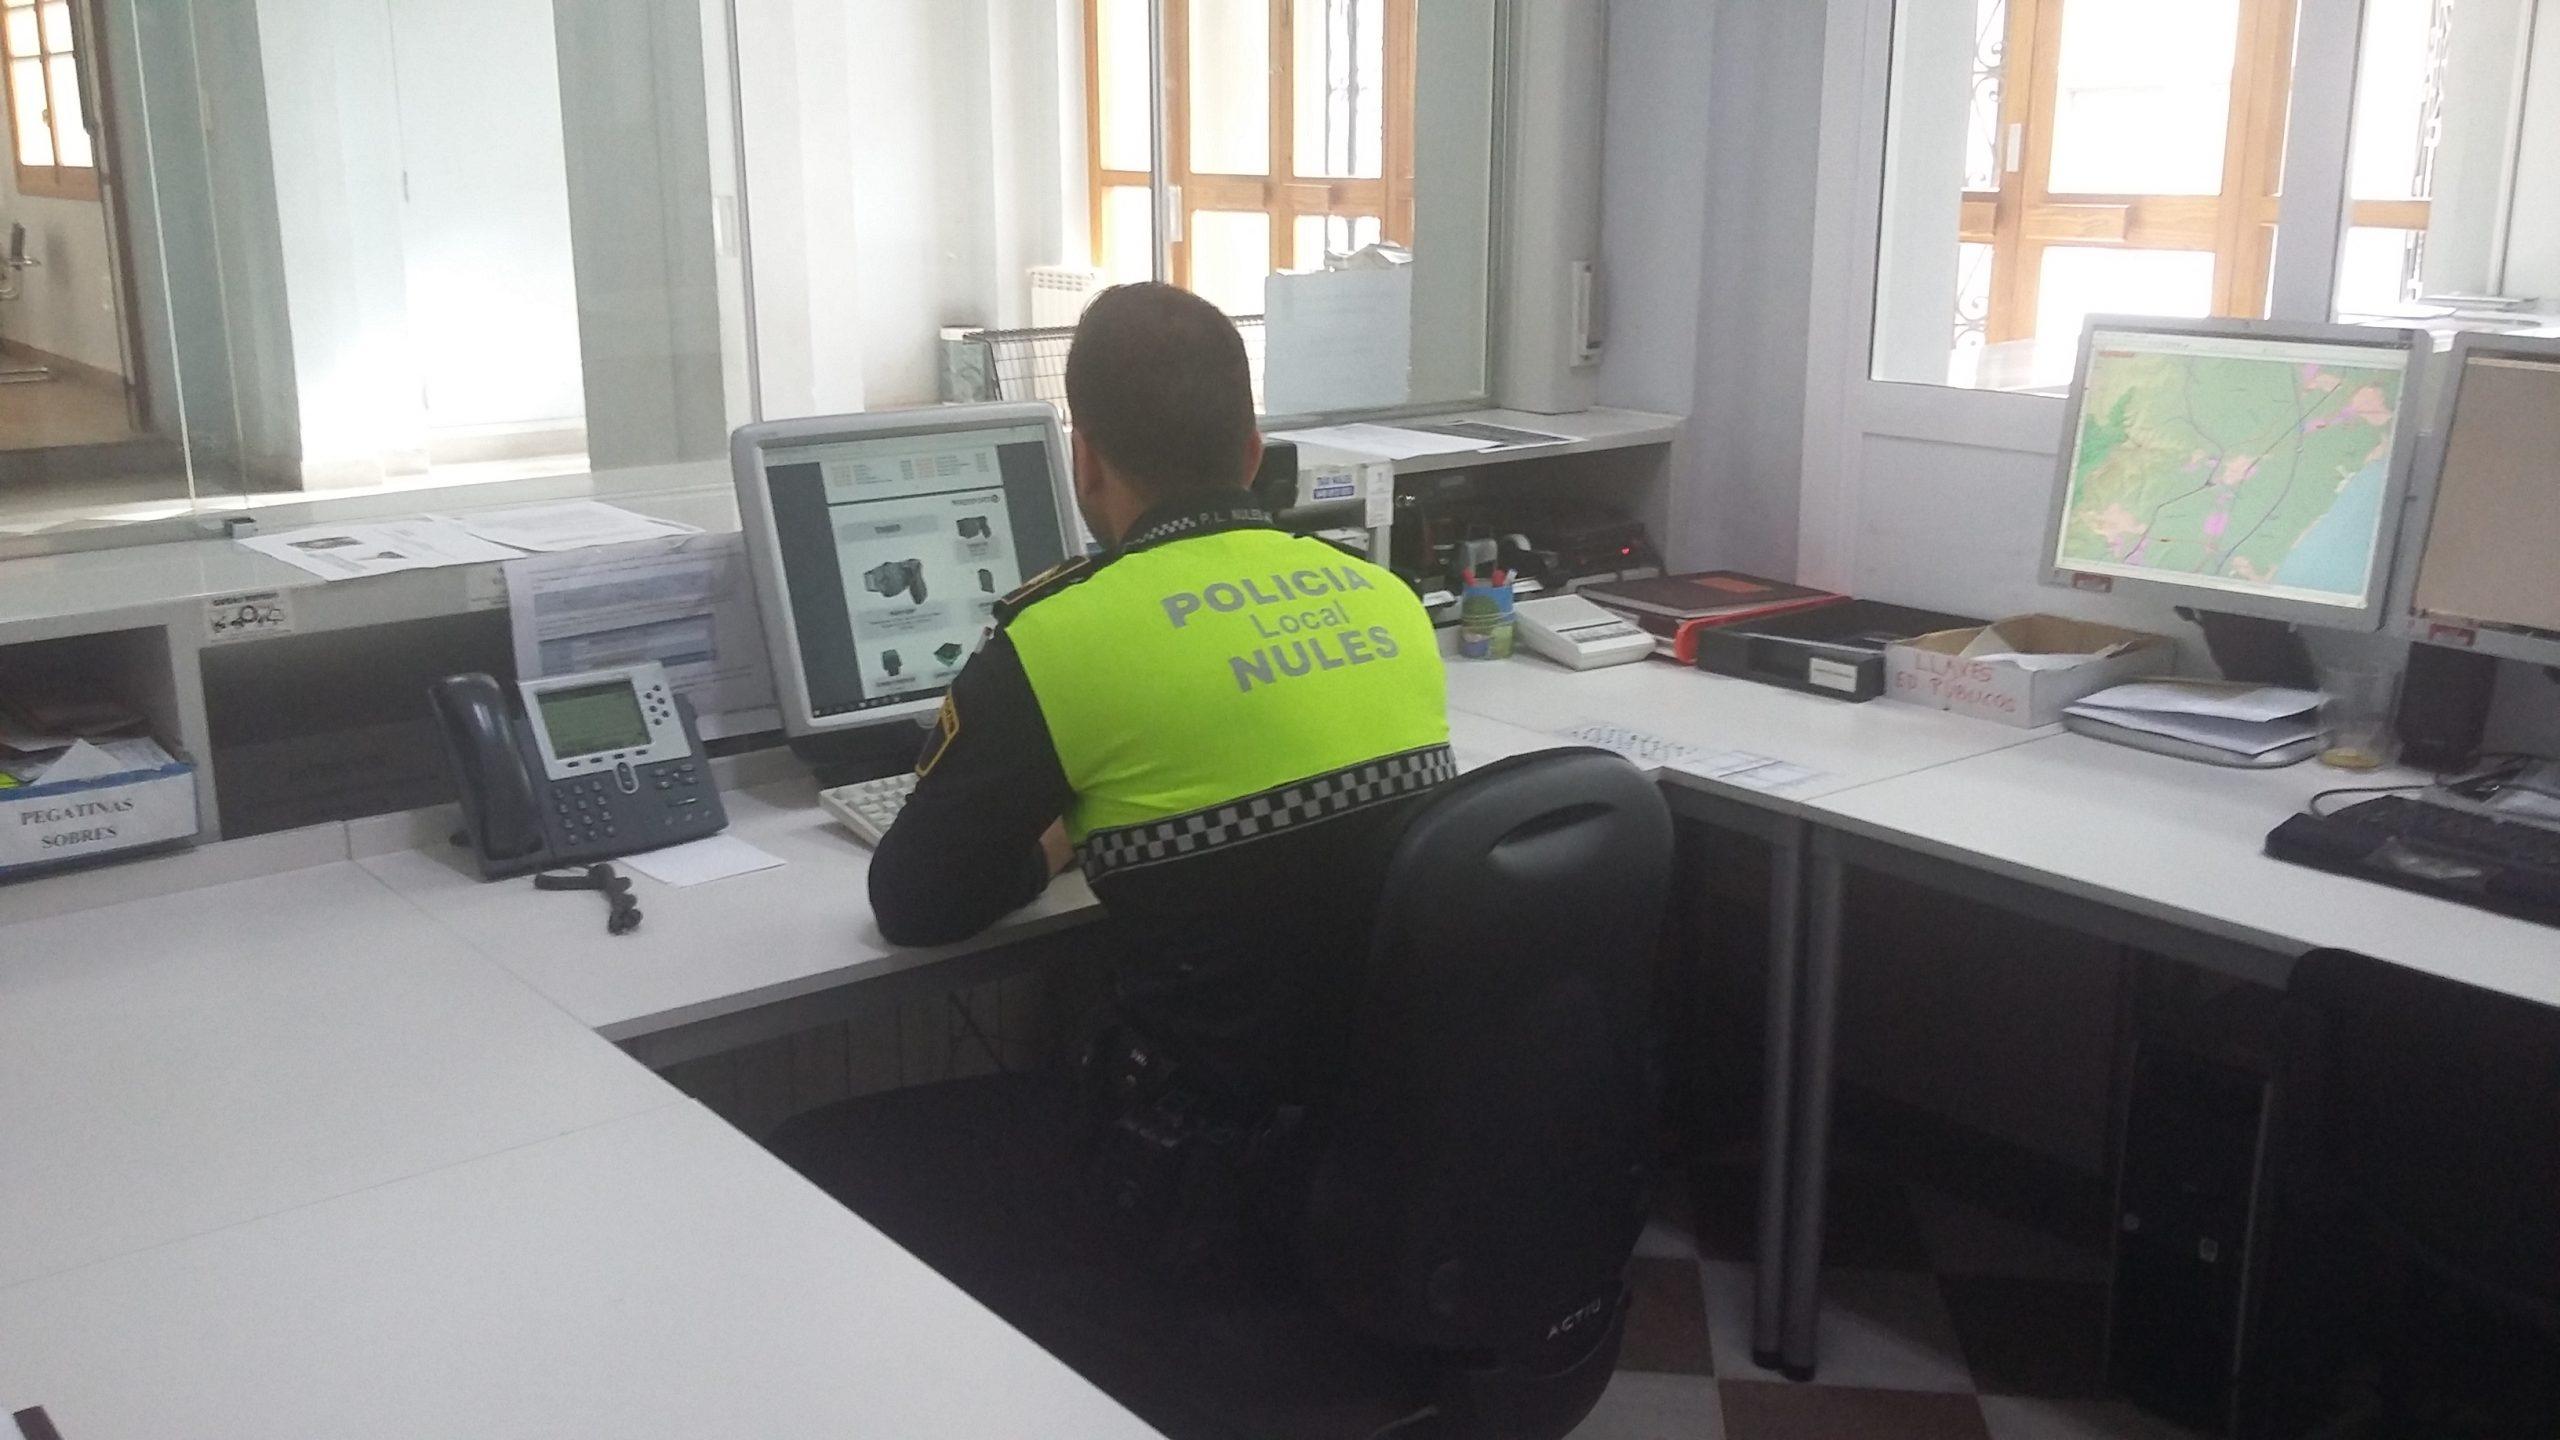 La Policía Local de Vila-real contabiliza 73 delitos contra la seguridad vial en 2020, más de la mitad por consumo de alcohol y drogas al volante